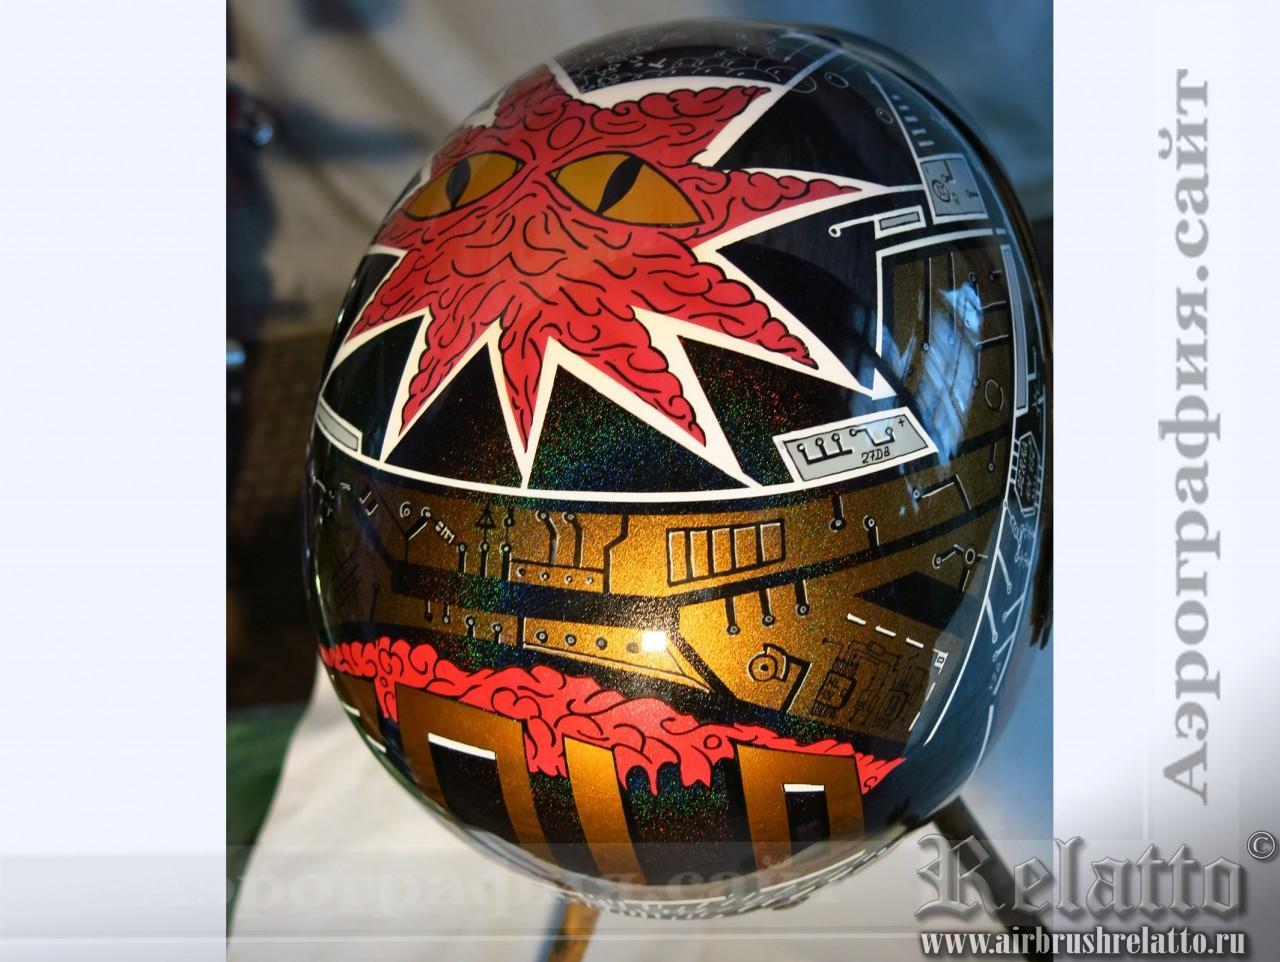 аэрография на шлеме Harley Davidson Краснодар